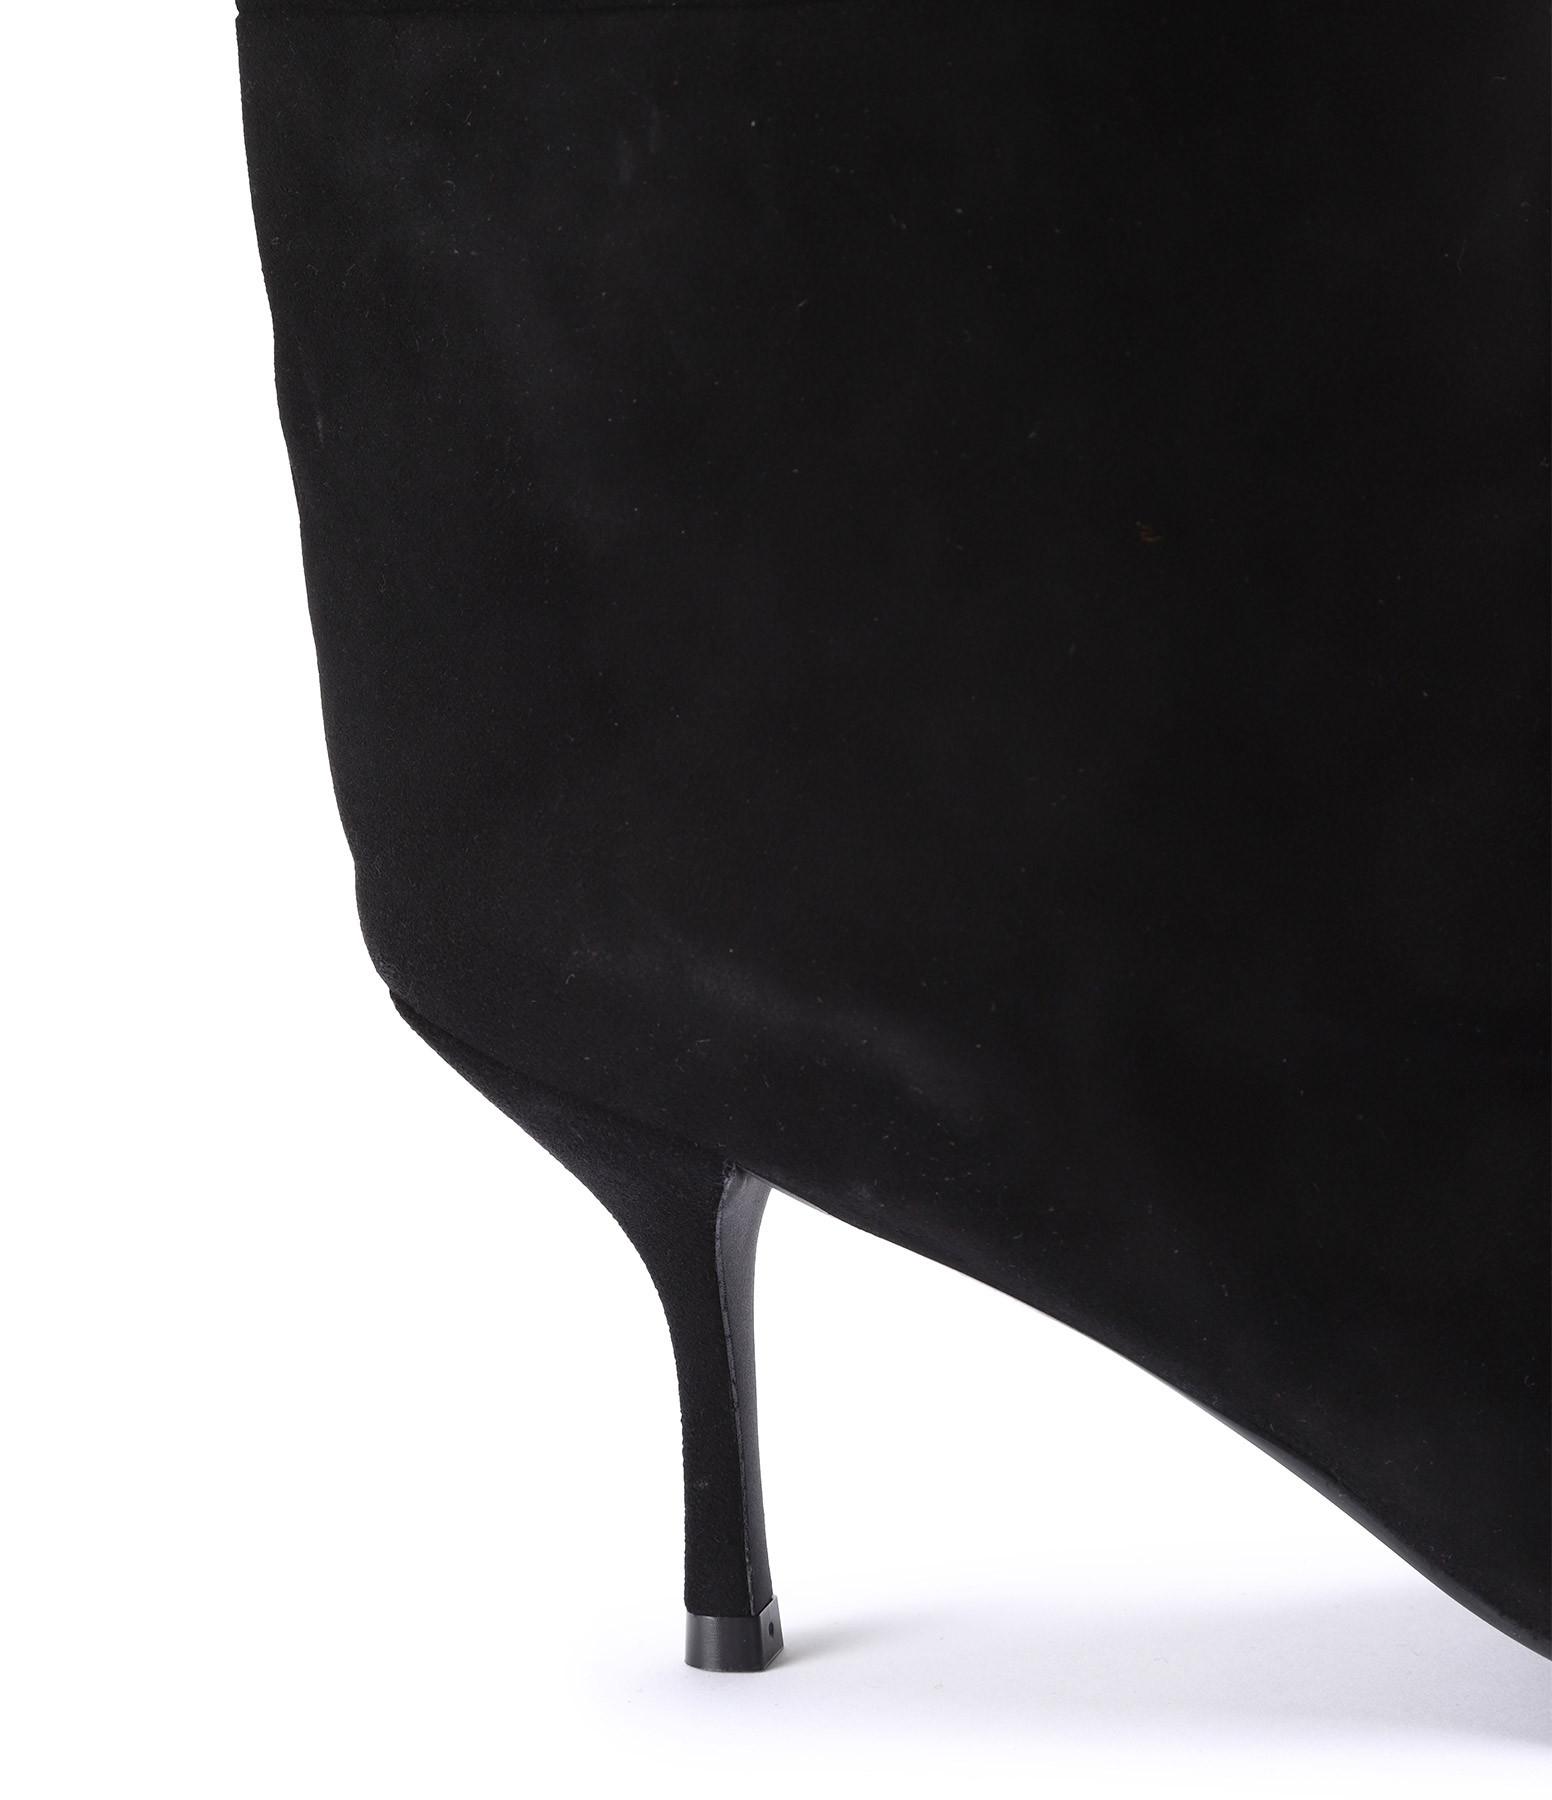 STUART WEITZMAN - Bottes Magda Cuir Suédé Noir